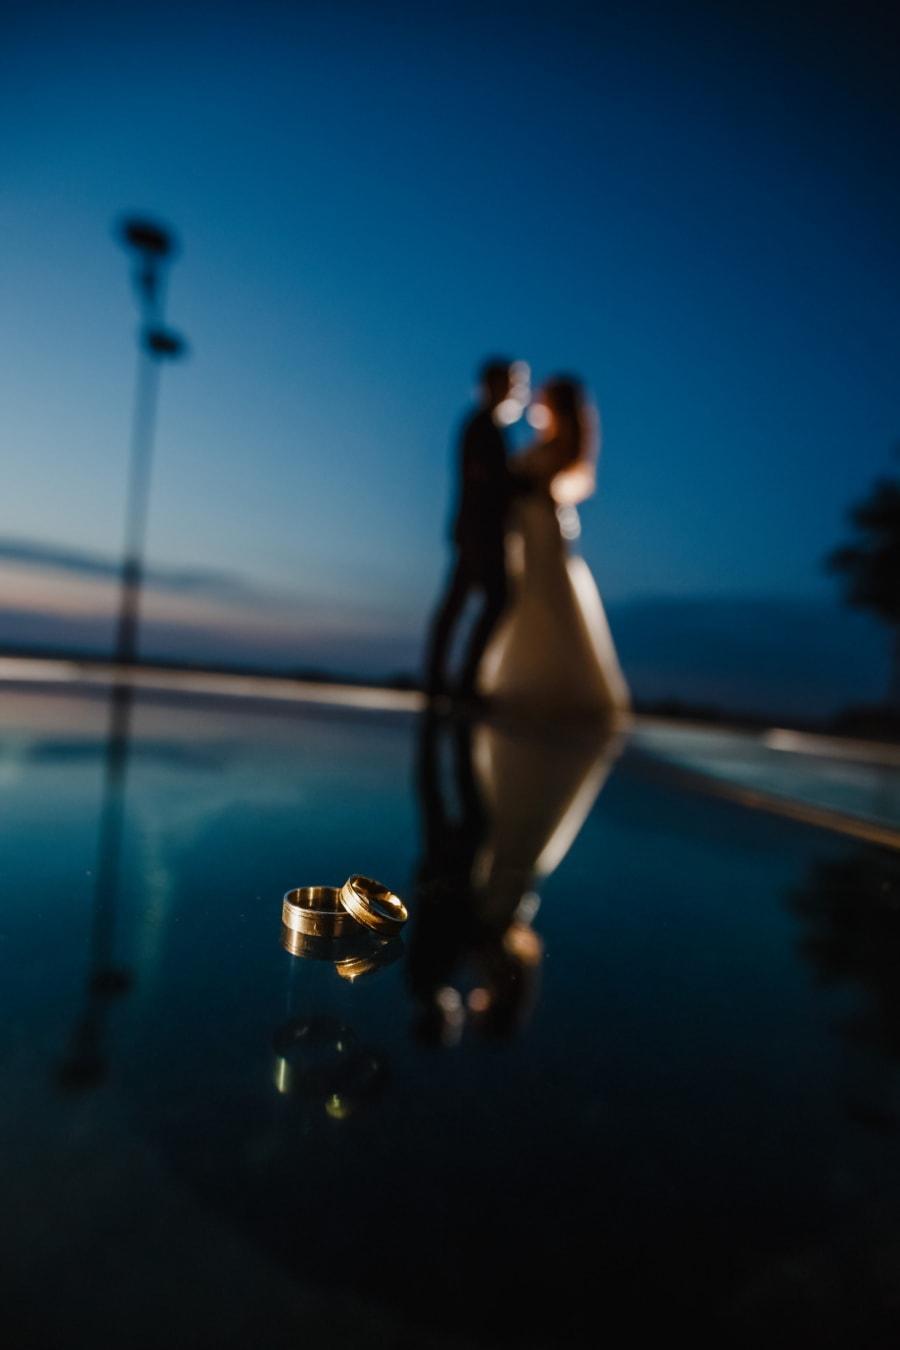 éclat doré, bague de mariage, anneaux, nuit, soirée, petit ami, romantique, petite amie, silhouette, gens